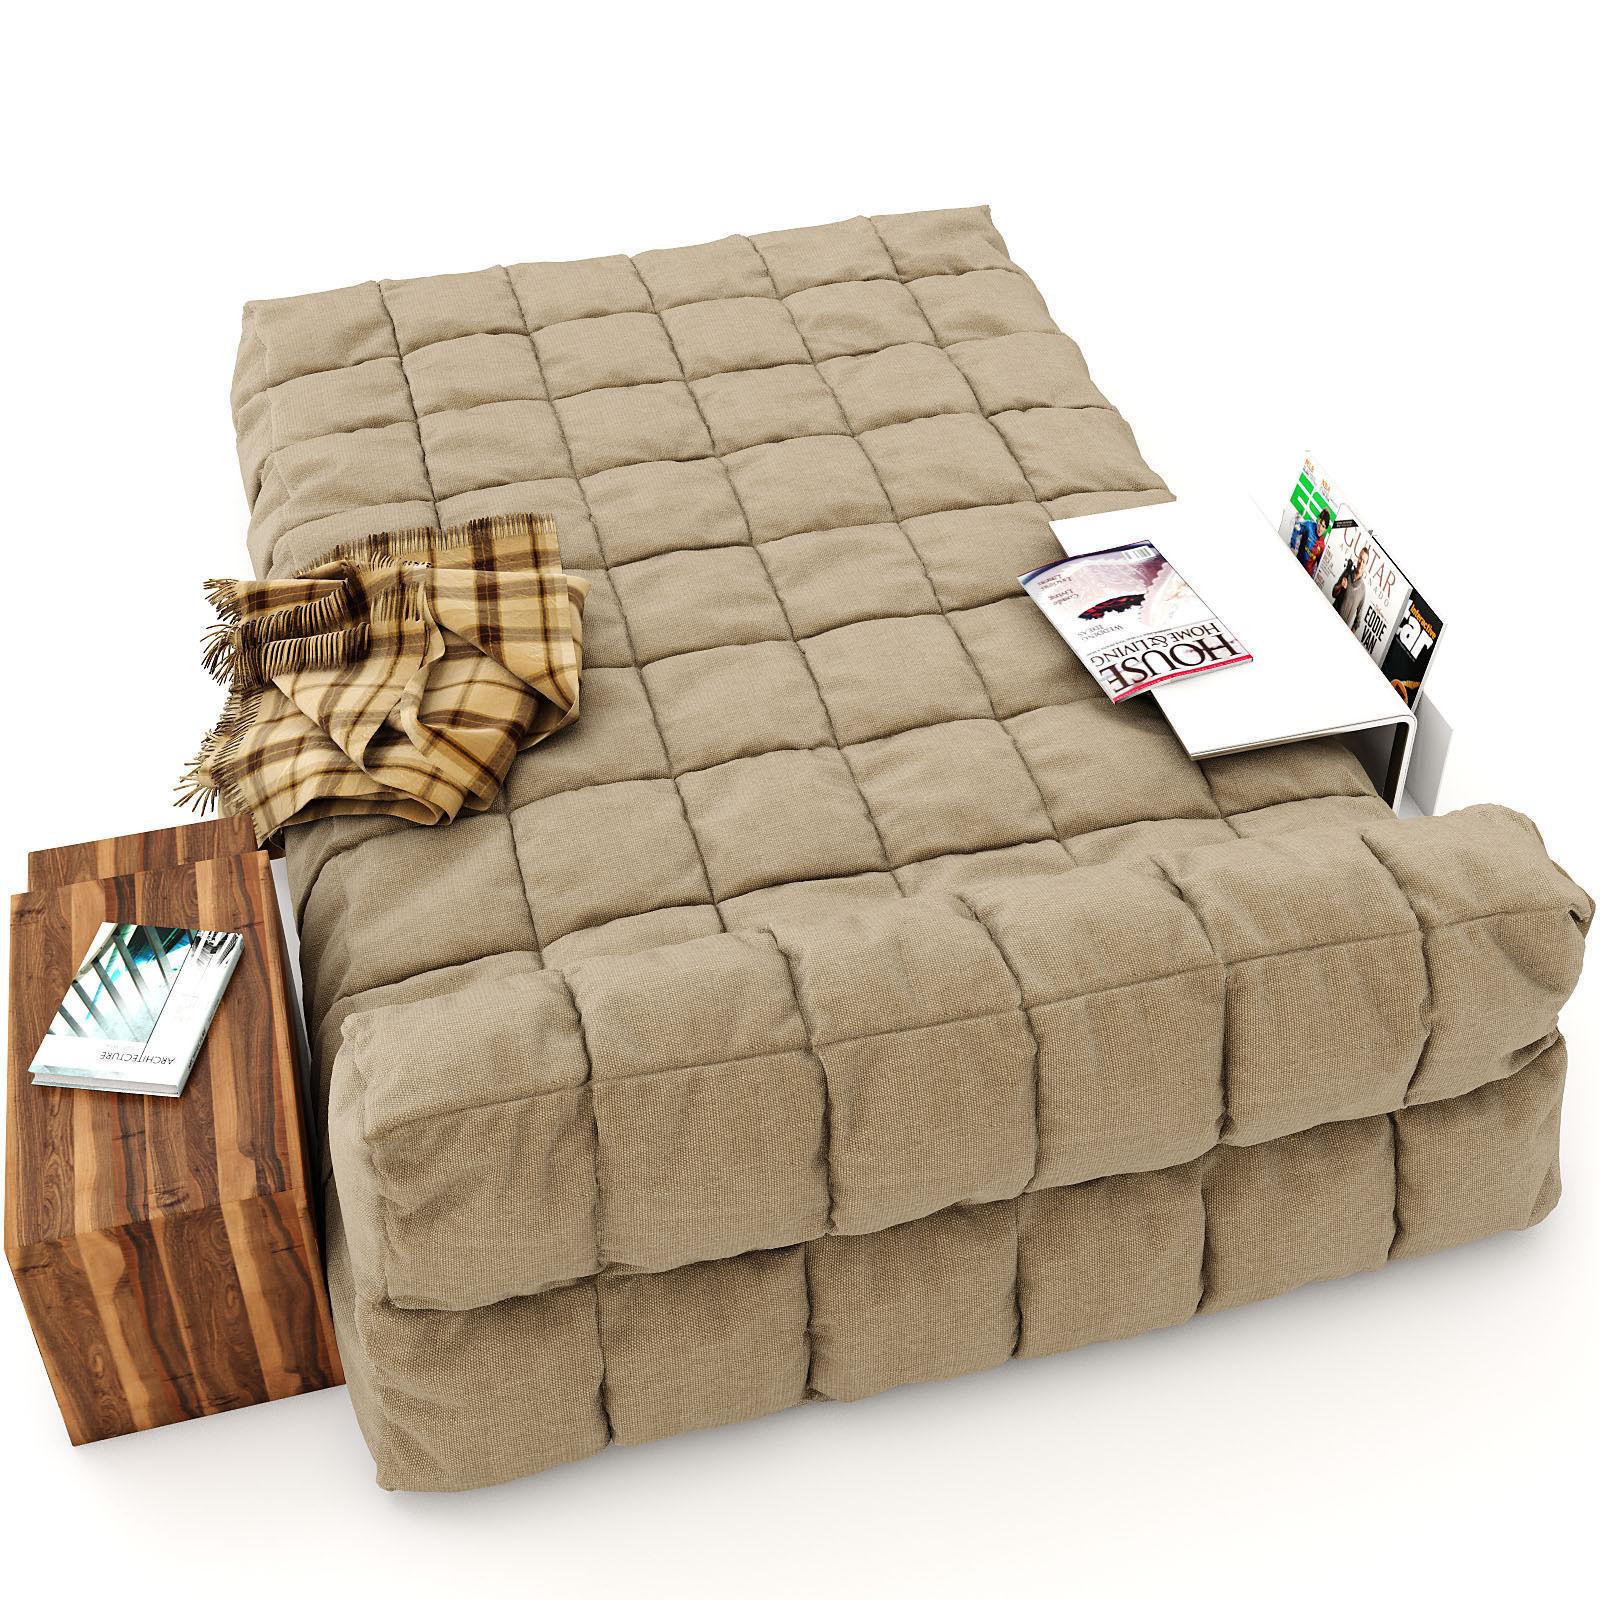 New Model Beds : 501 1 description comments 3 modern bed 3d model modern bed a